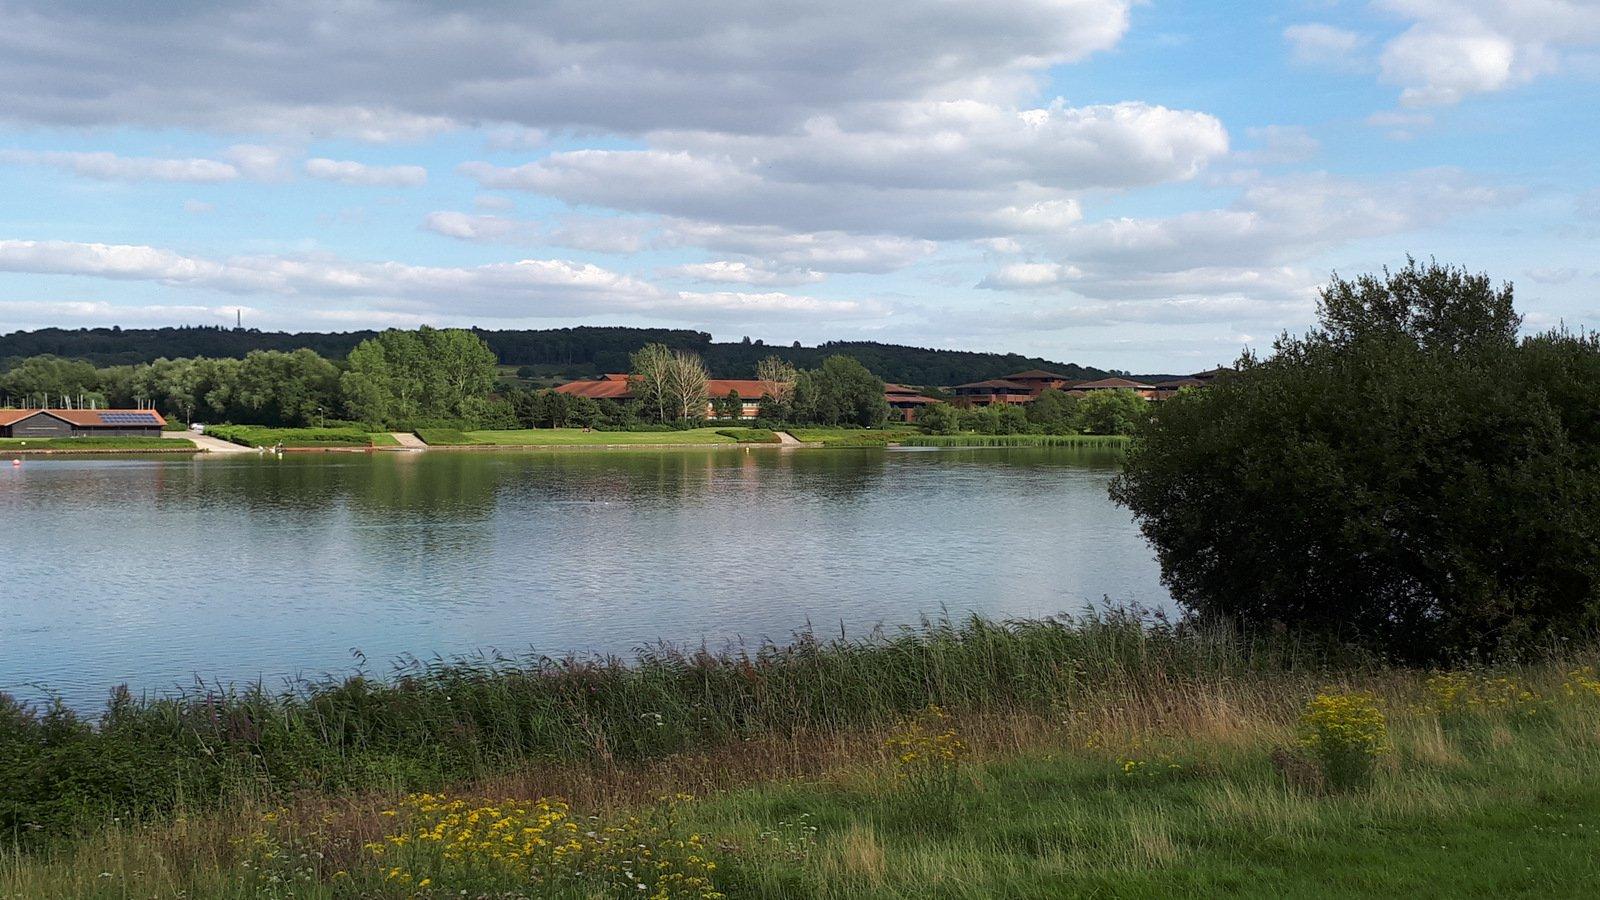 Caldecotte (Lake) da Eaglestone per Walton Lake, anello 2017-08-13